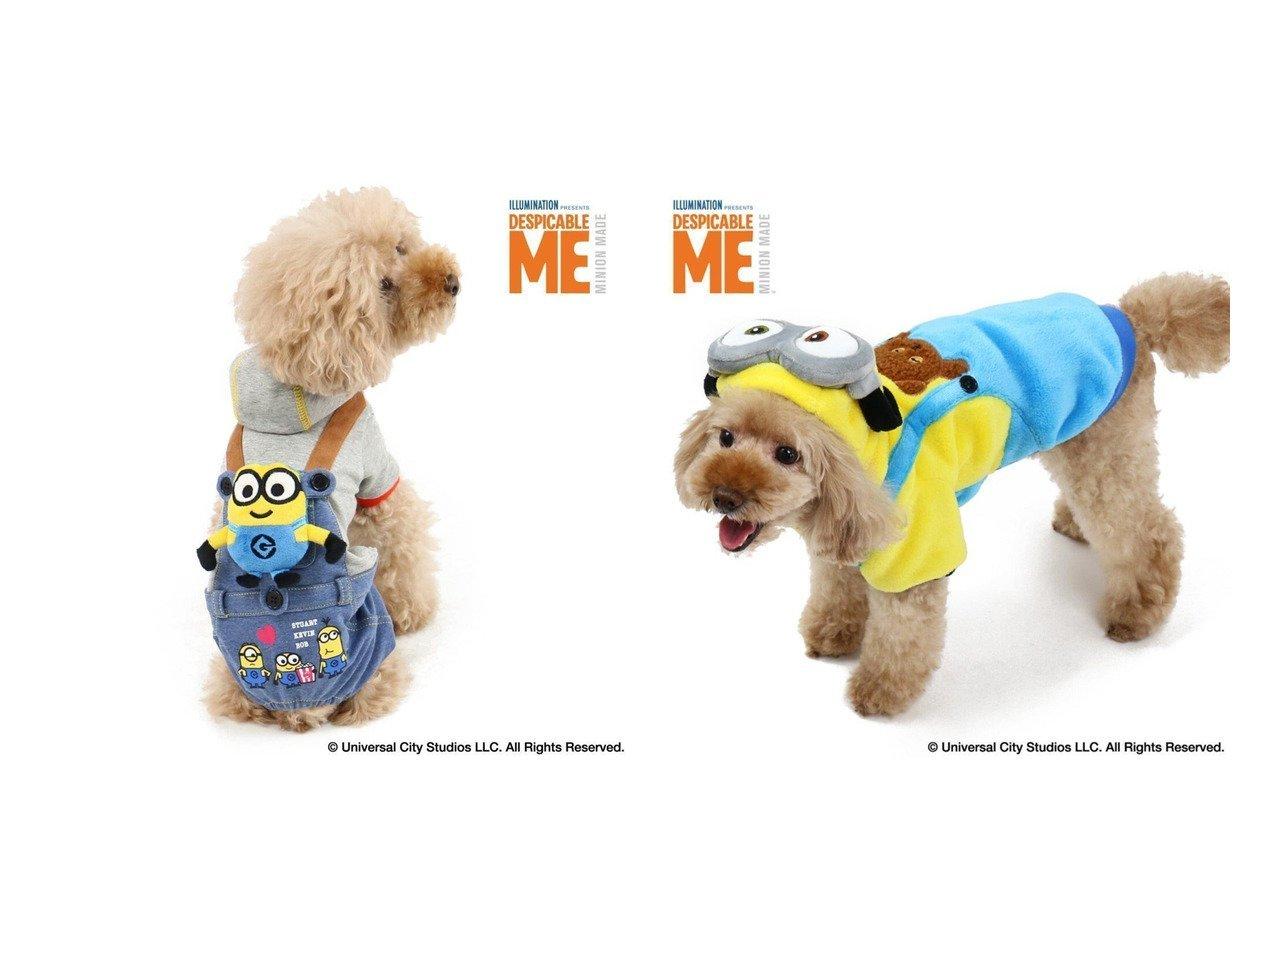 【PET PARADISE/ペットパラダイス】のミニオン ボブ付 パンツつなぎ〔小型犬〕&ミニオン 変身なりきり服 ボブ パーカー〔小型犬〕 おすすめ!人気、ペットグッズの通販 おすすめで人気の流行・トレンド、ファッションの通販商品 メンズファッション・キッズファッション・インテリア・家具・レディースファッション・服の通販 founy(ファニー) https://founy.com/ パーカー 犬 Dog ホームグッズ Home/Garden ペットグッズ Pet Supplies  ID:crp329100000032798